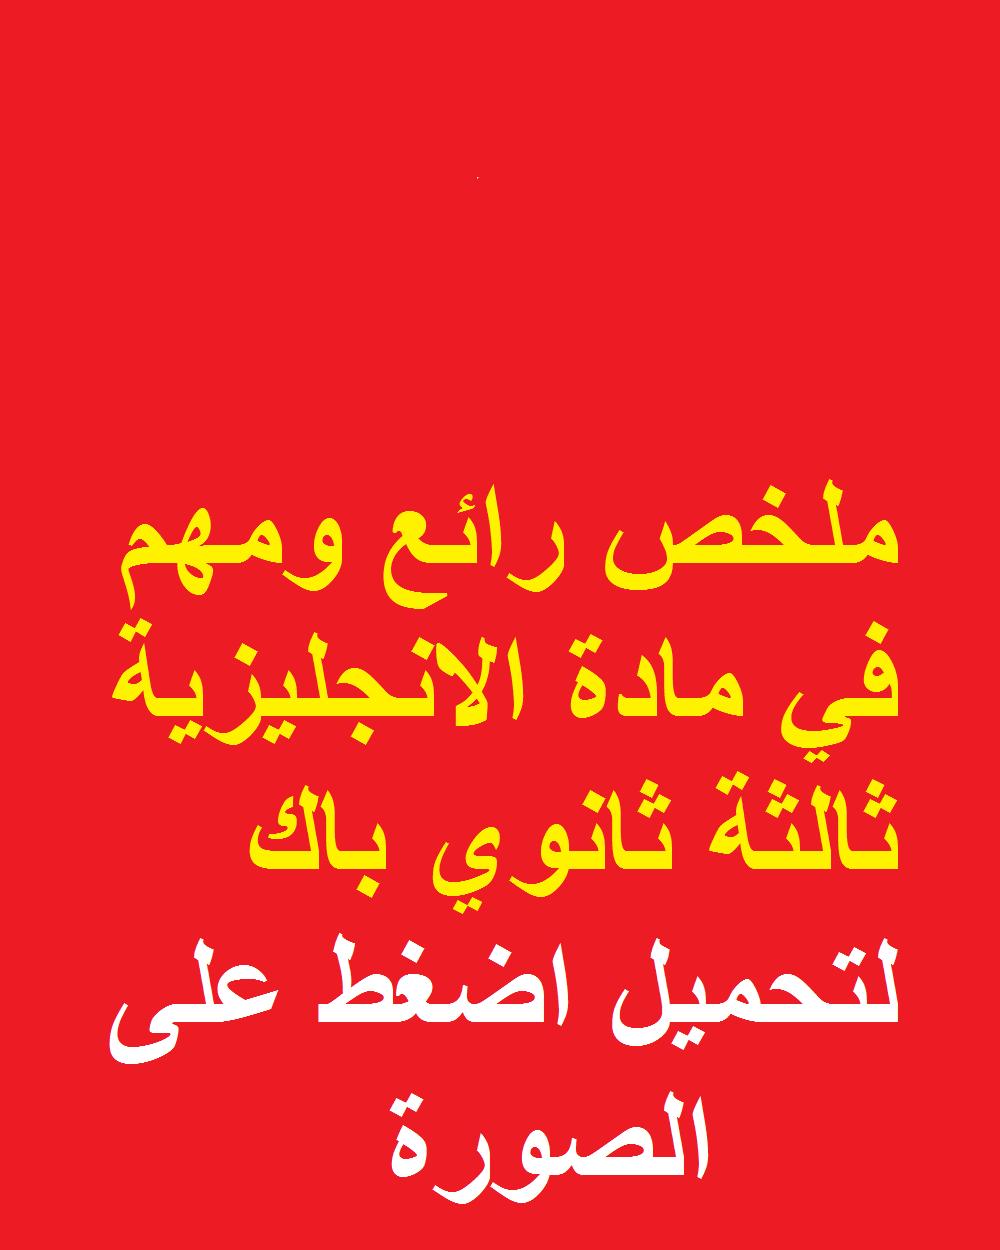 ملخص رائع ومهم في مادة الانجليزية ثالثة ثانوي Arabic Calligraphy